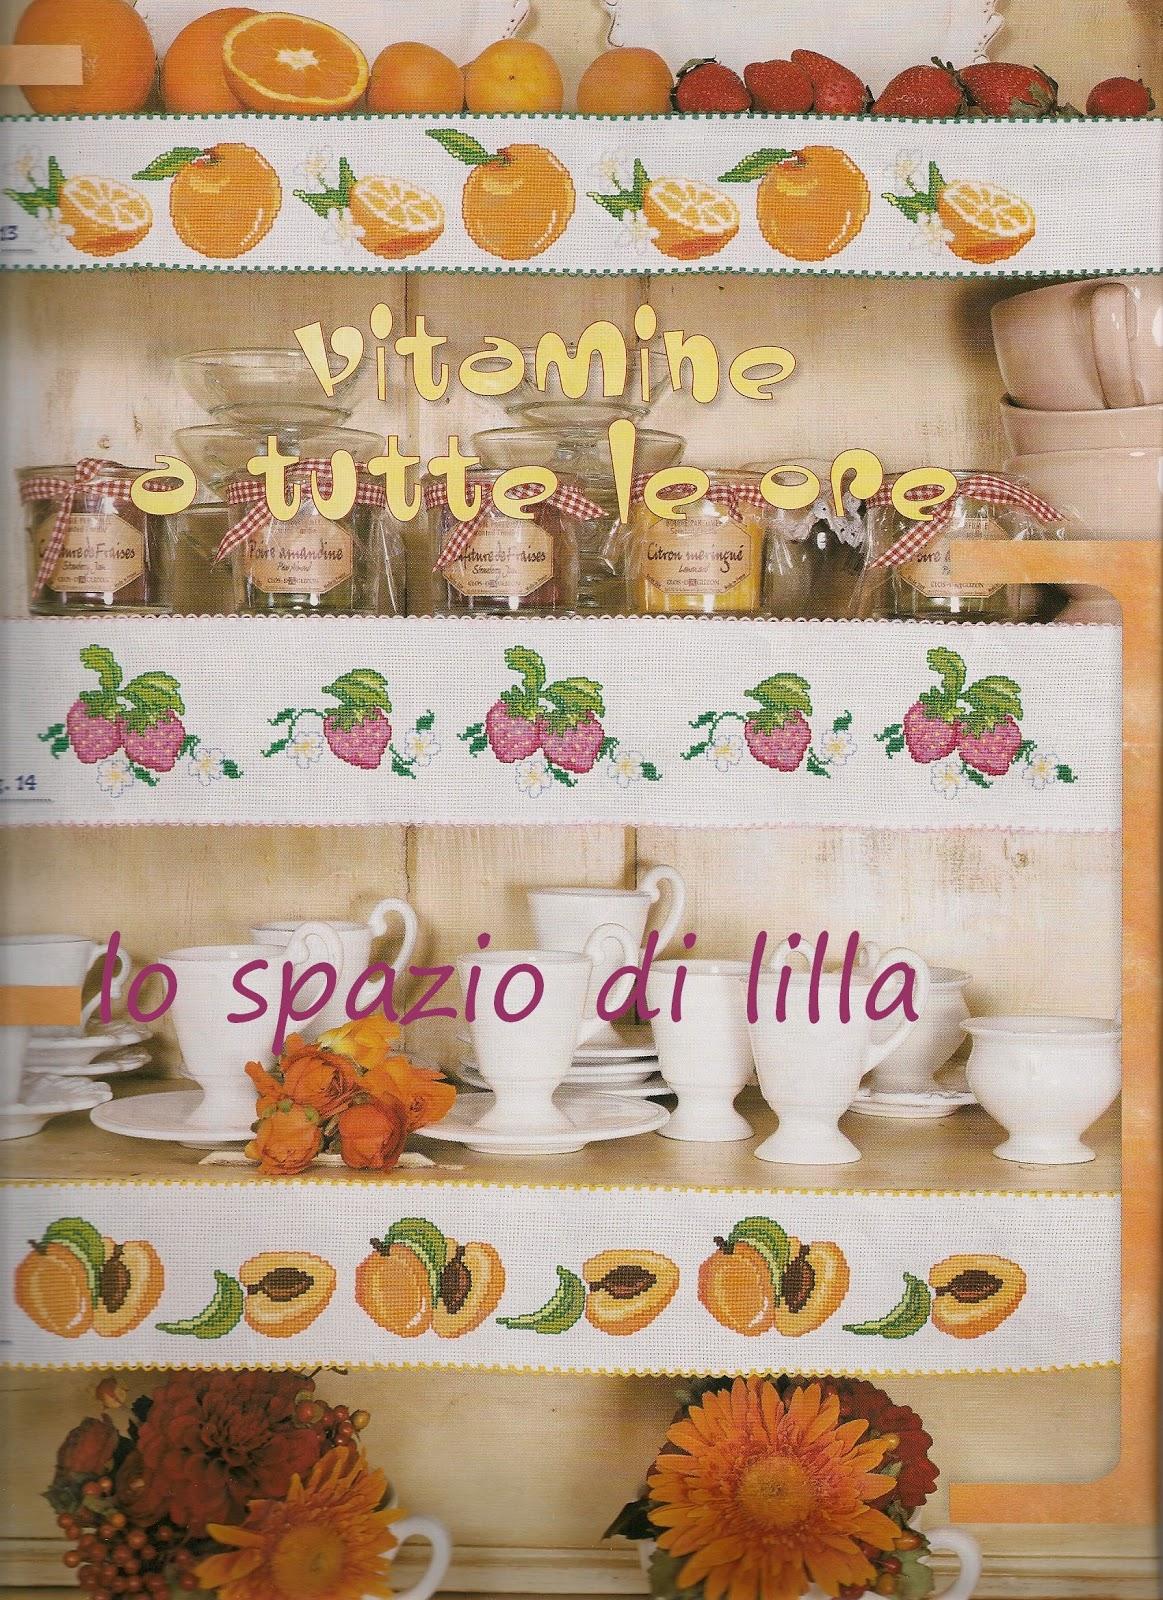 Lo spazio di lilla il punto croce in cucina bordure dal for Schemi bordure uncinetto per mensole